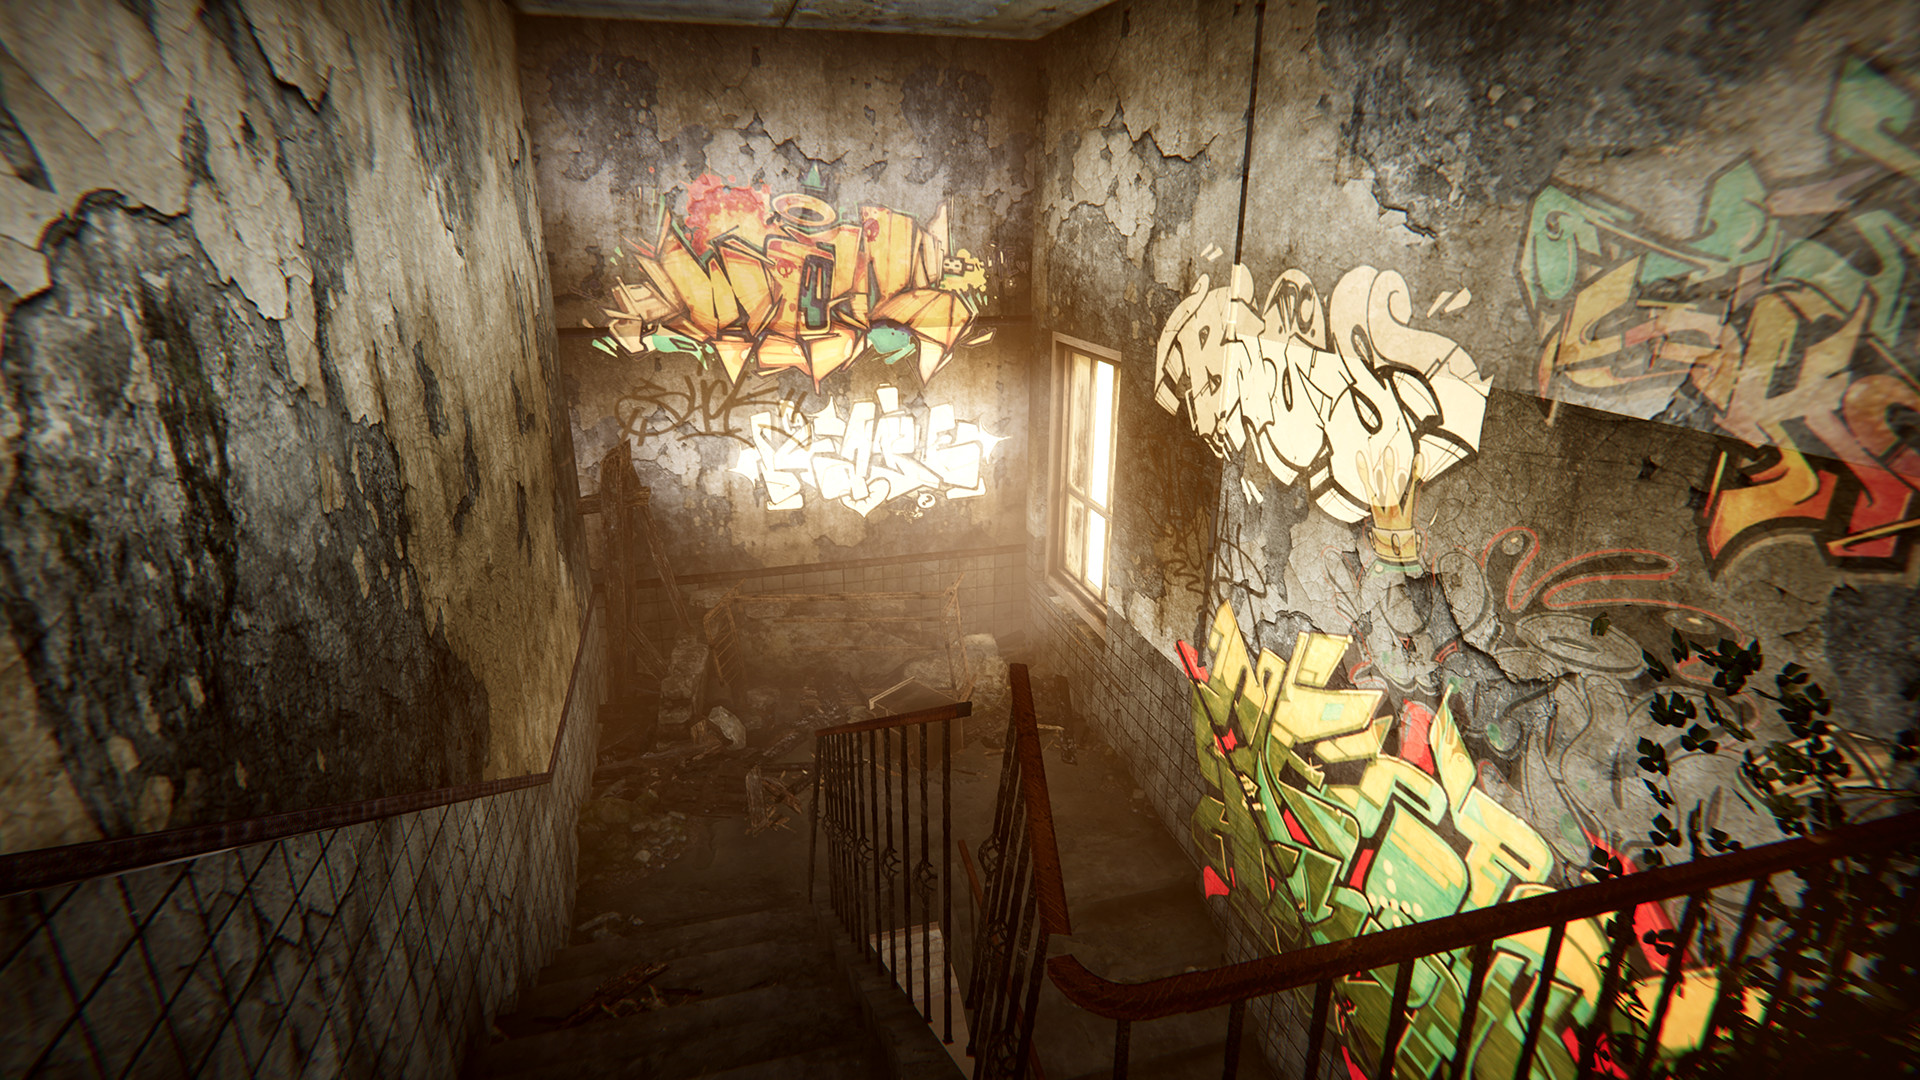 跑酷类第一人称探索游戏《都市探索者》上架Steam